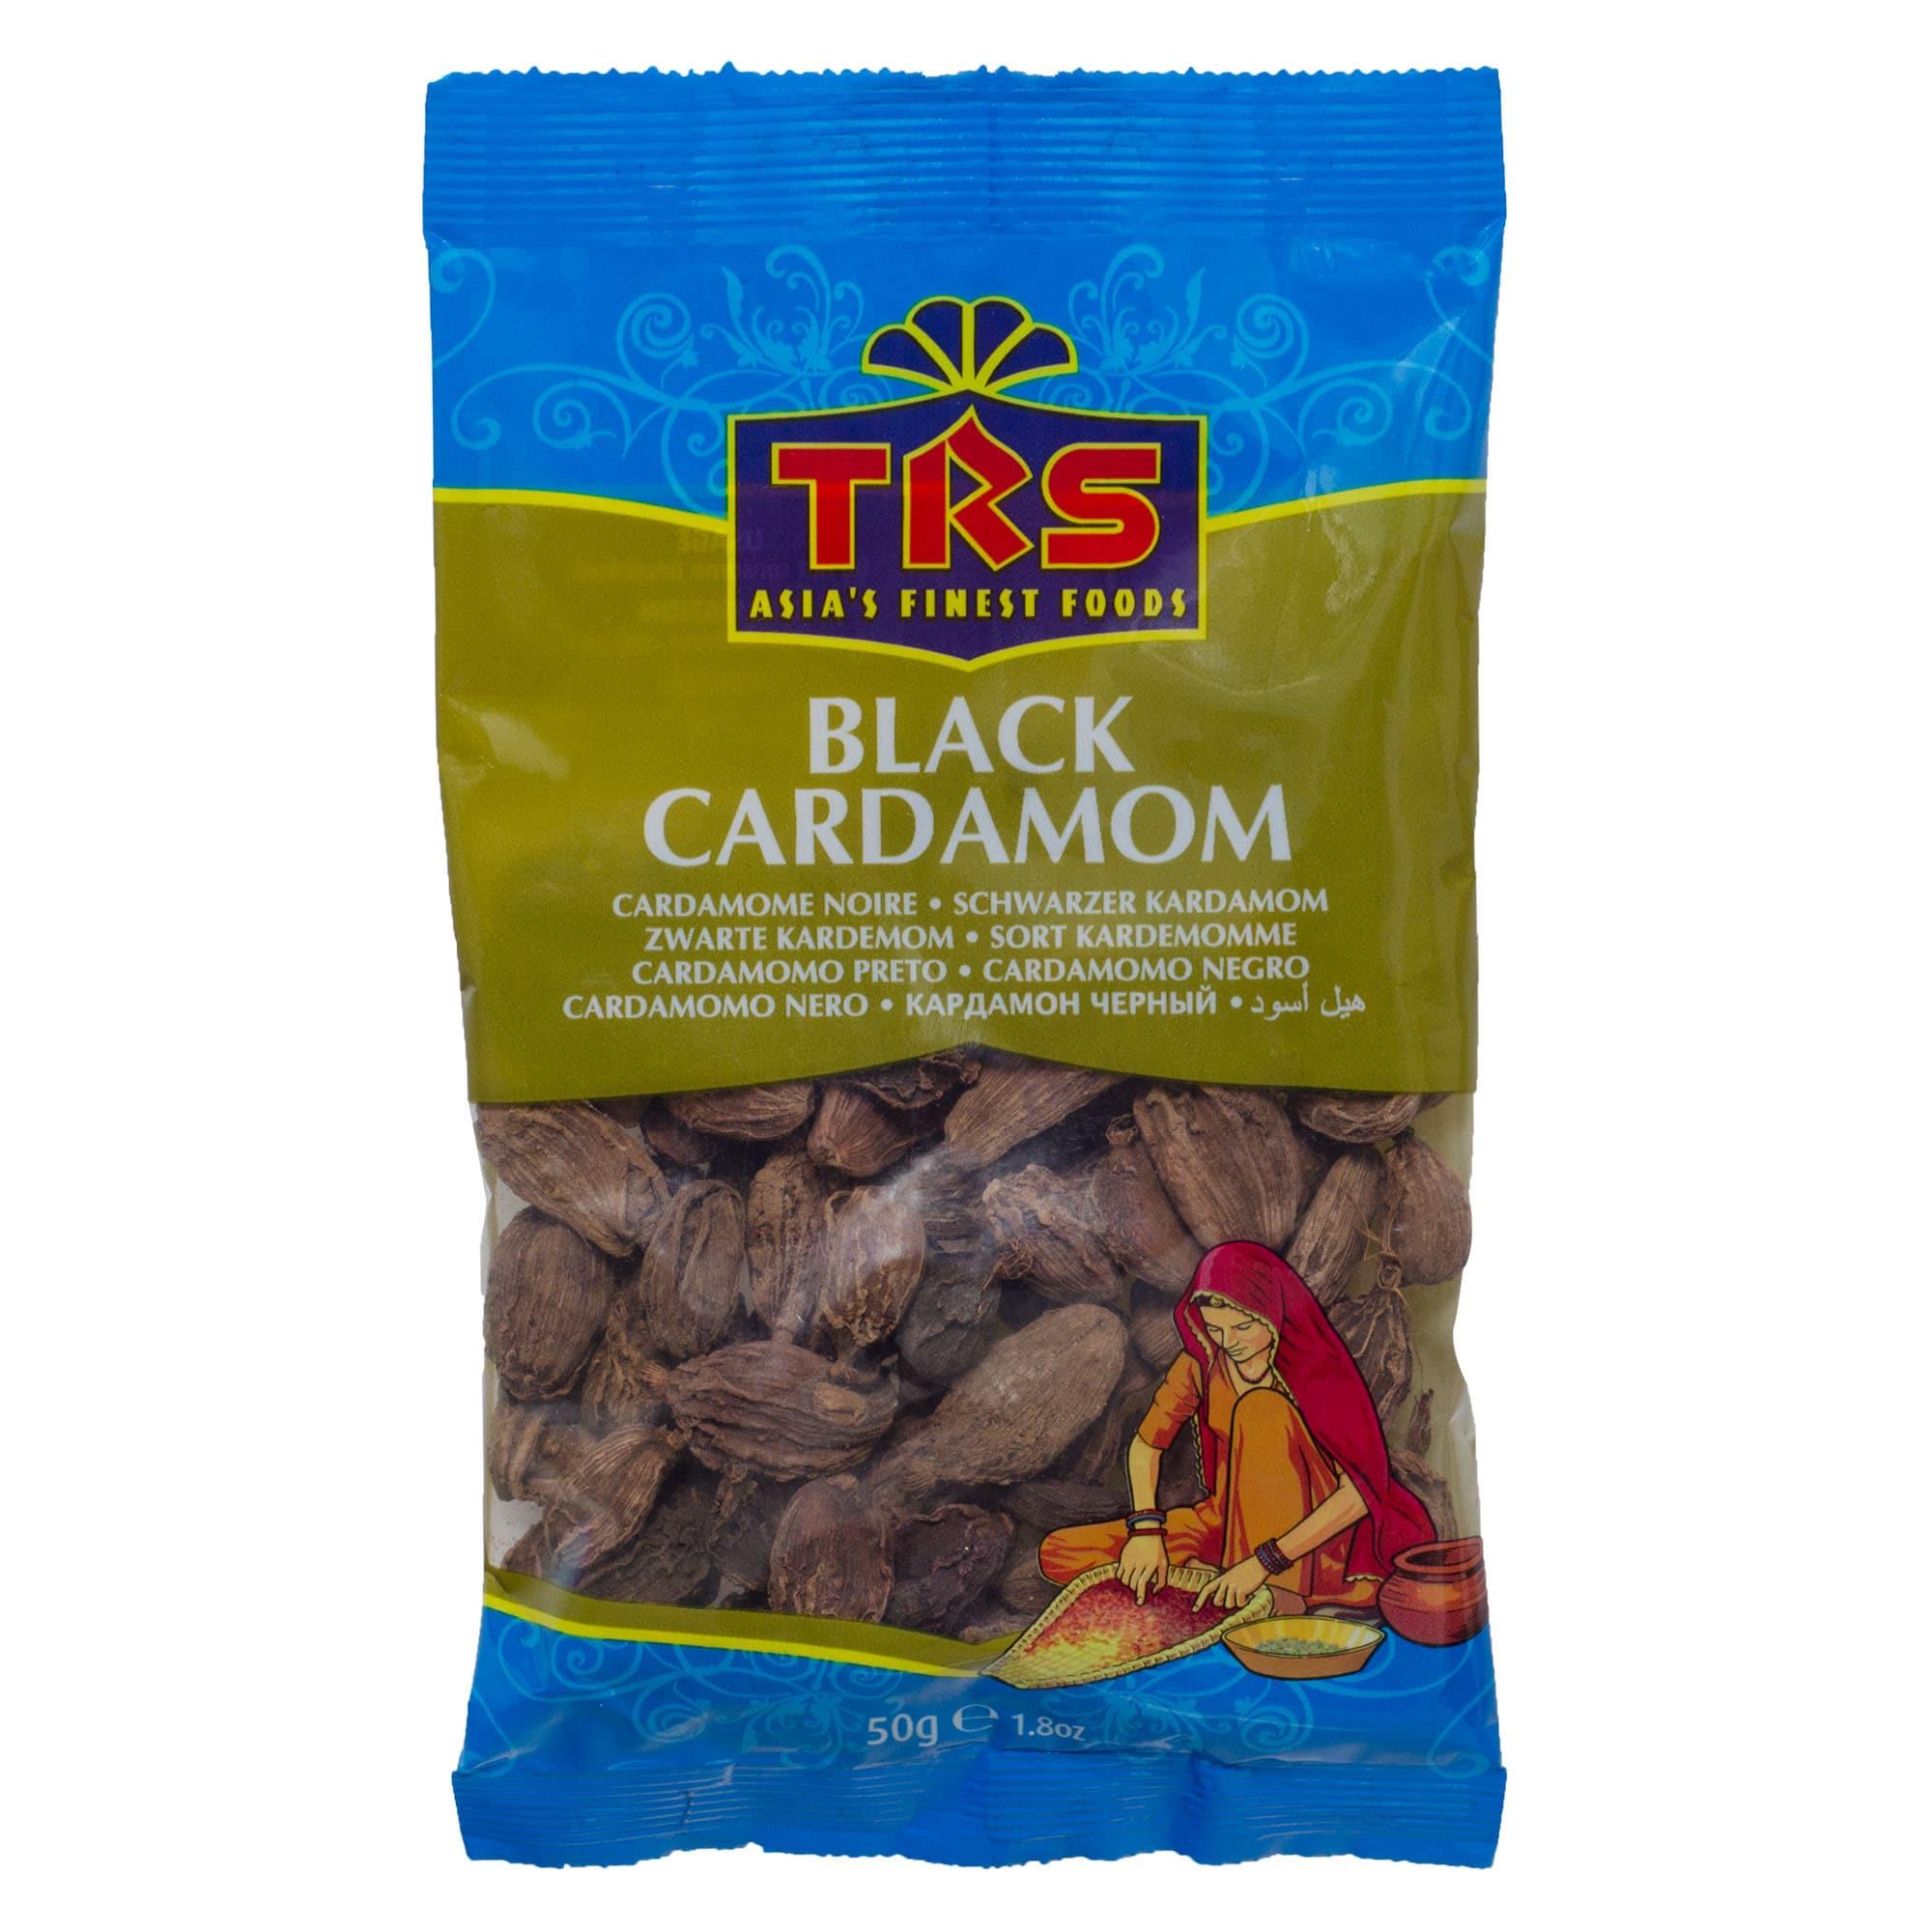 TRS Schwarzer Kardamom Black Cardamom 50g